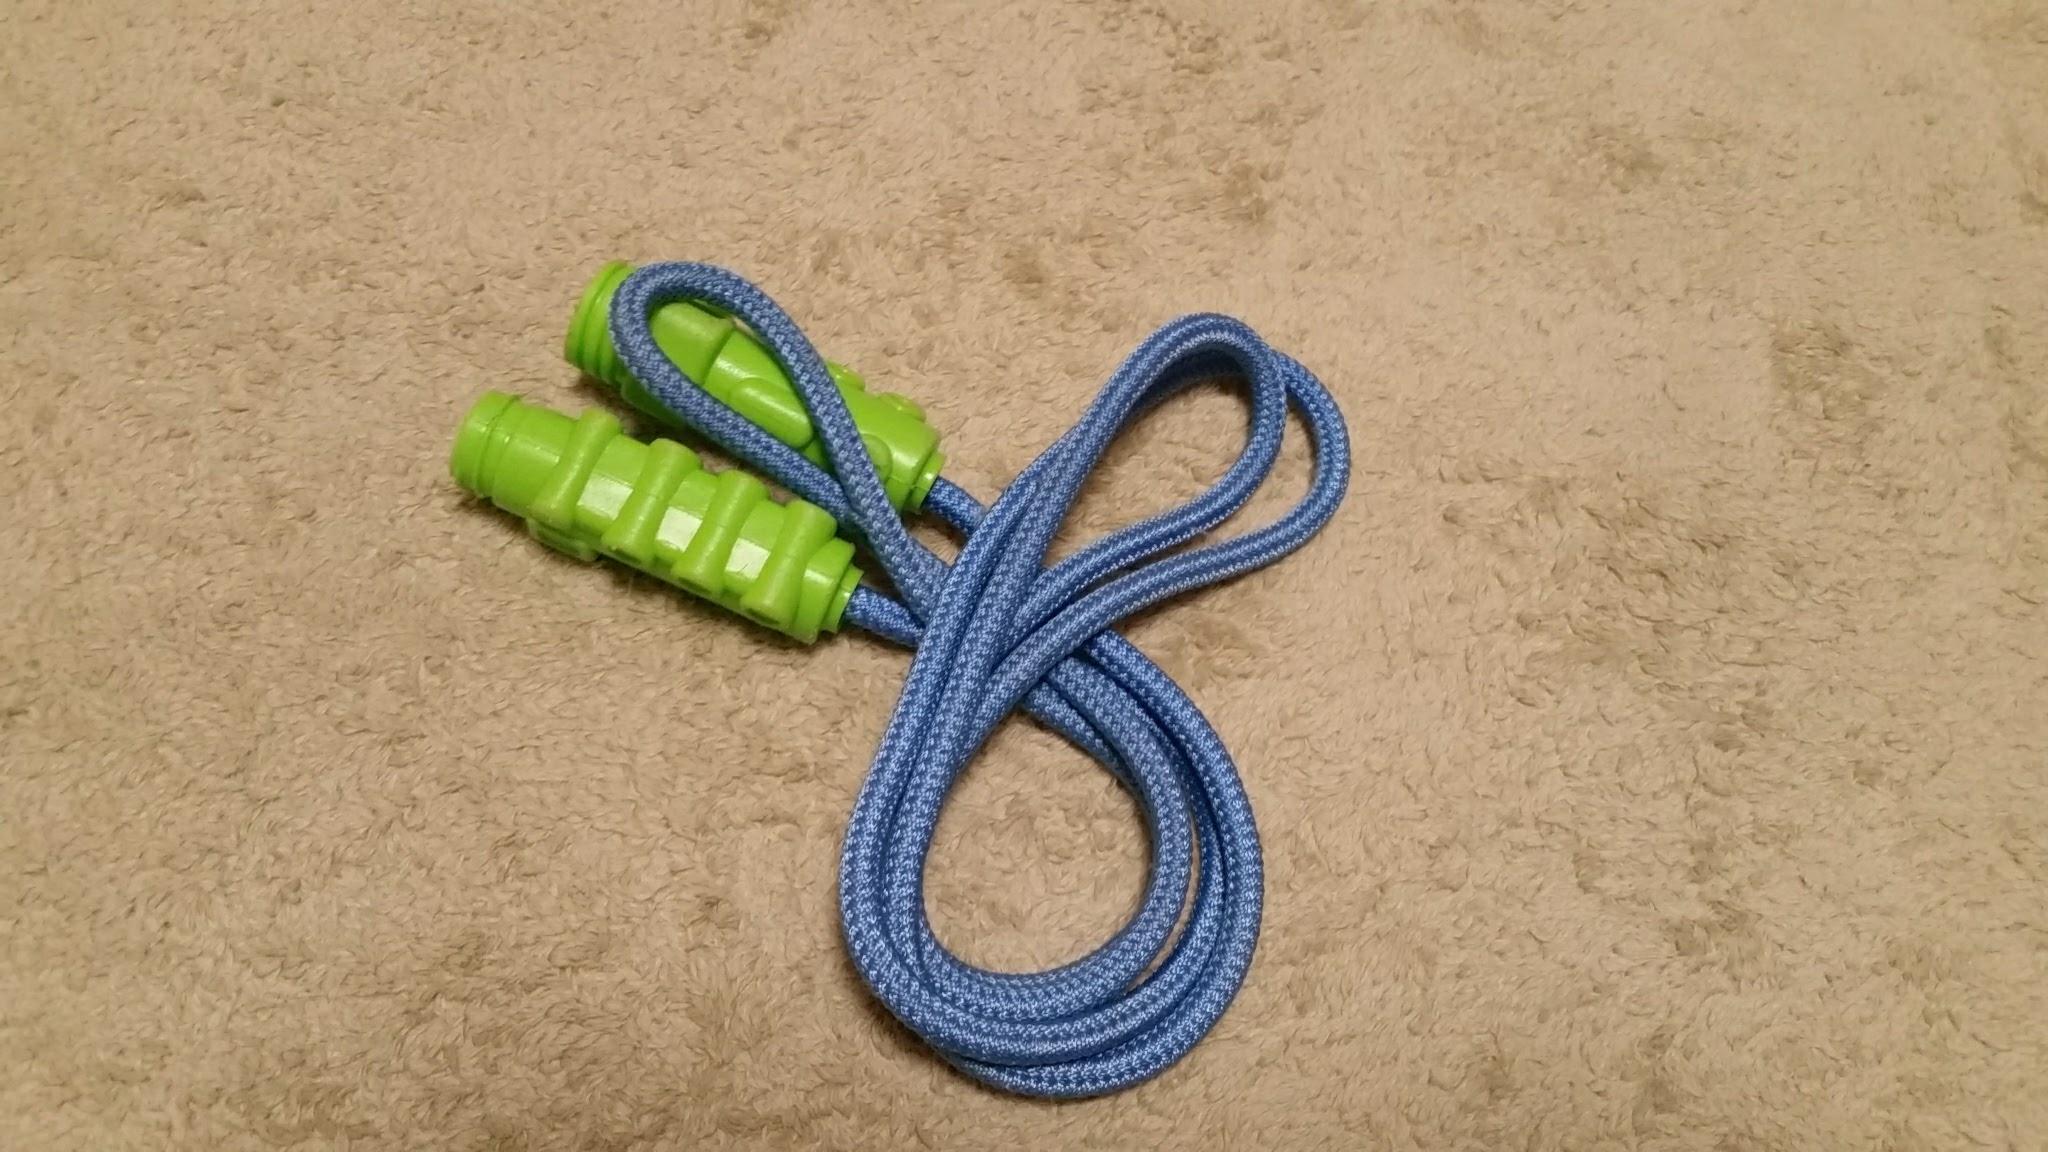 縄跳びの結び方で簡単にできる方法は?教え方は?なかなか ...